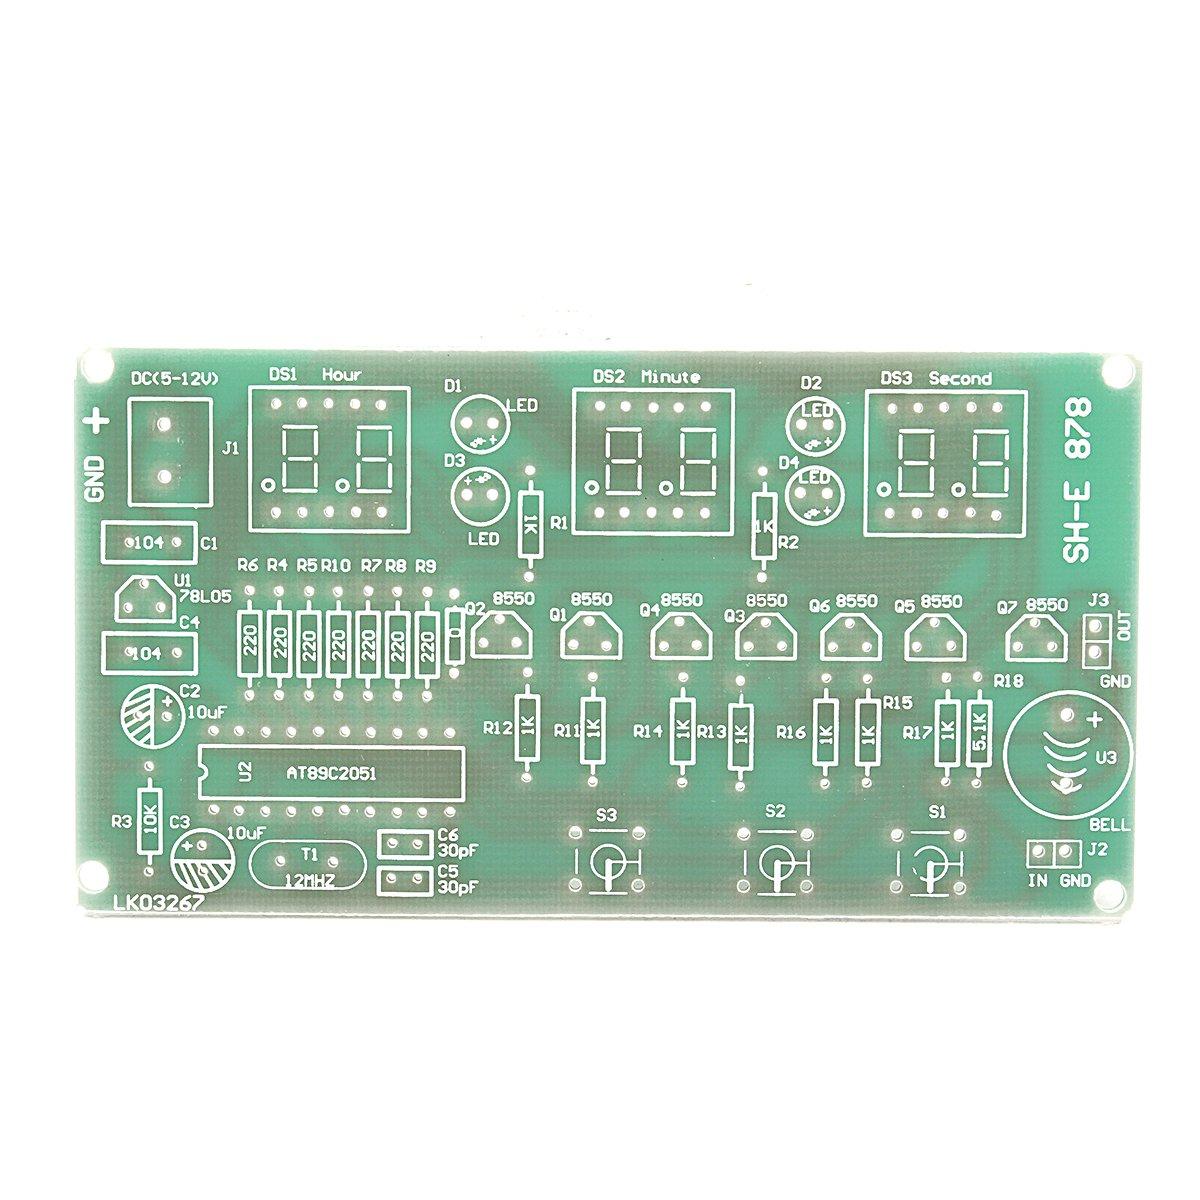 Ils - 5V-12V AT89C2051 Multifunció Six Digital LED DIY Electronic Reloj Kit: Amazon.es: Electrónica